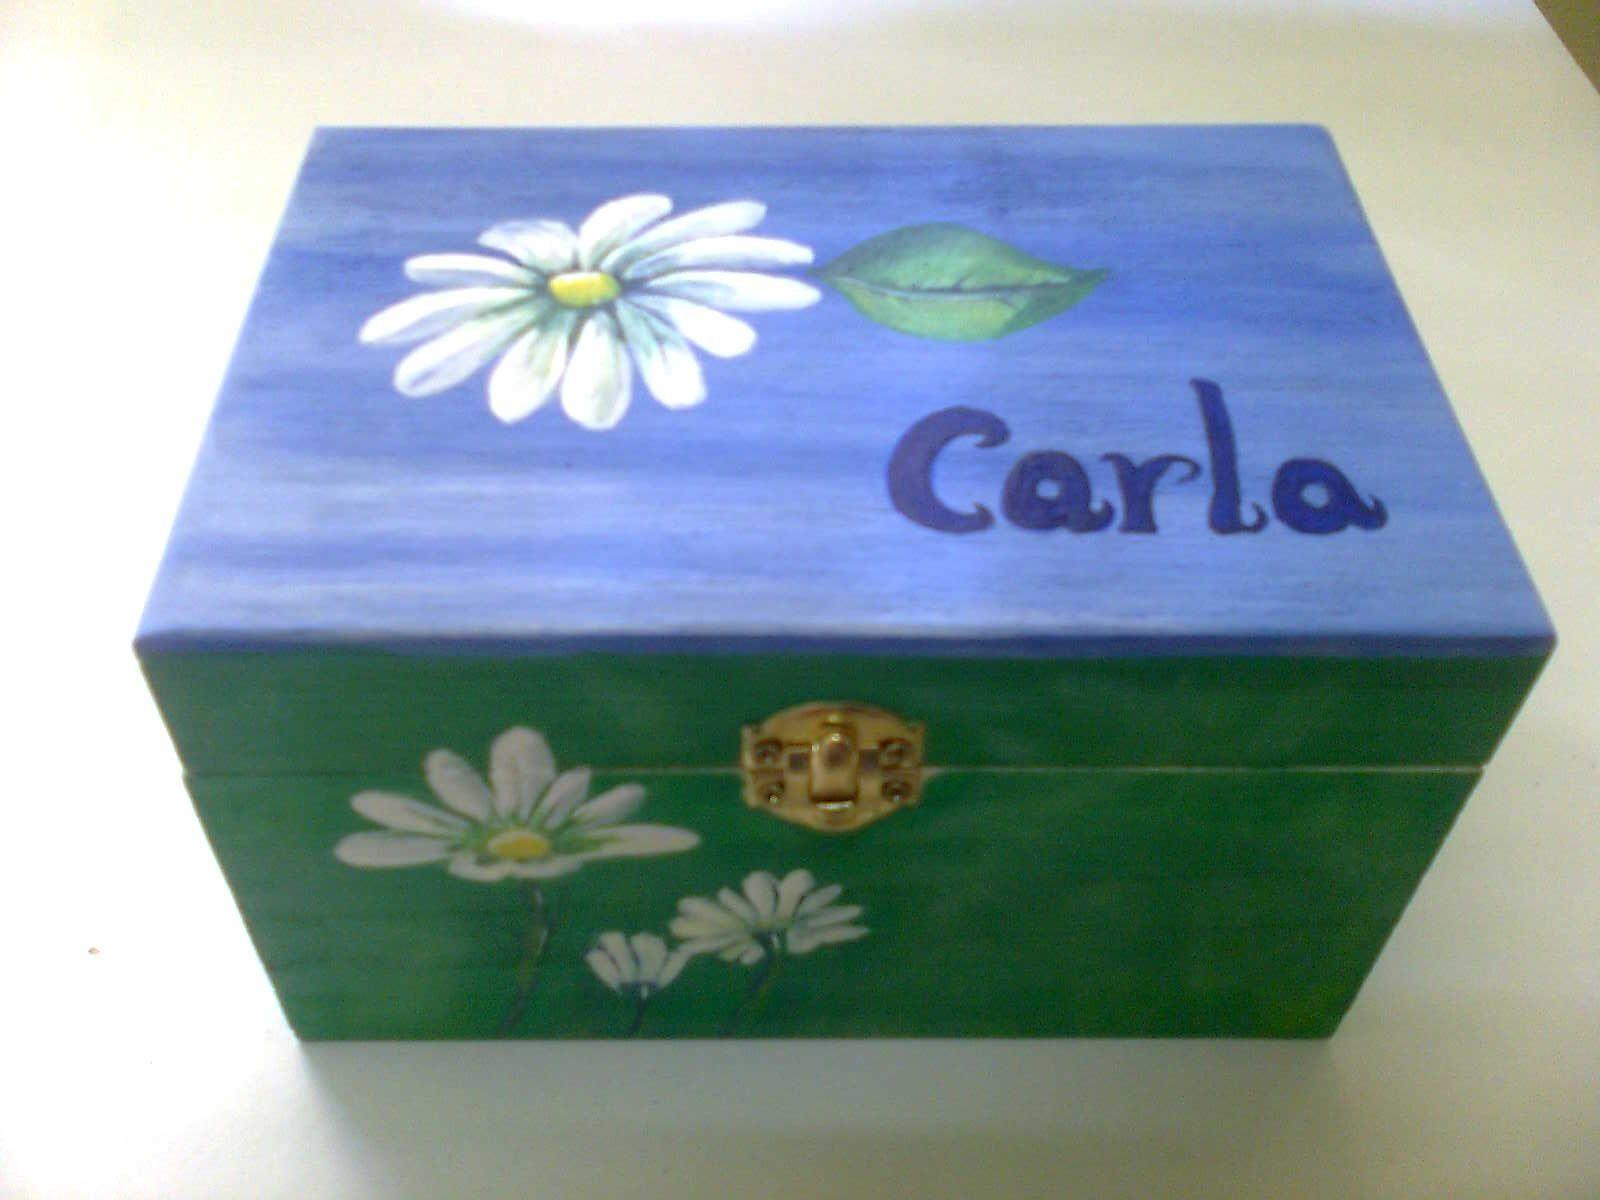 cajas de madera decoradas artesanalmente pintadas con acrlicos leos y barnizadas - Cajas De Madera Decoradas